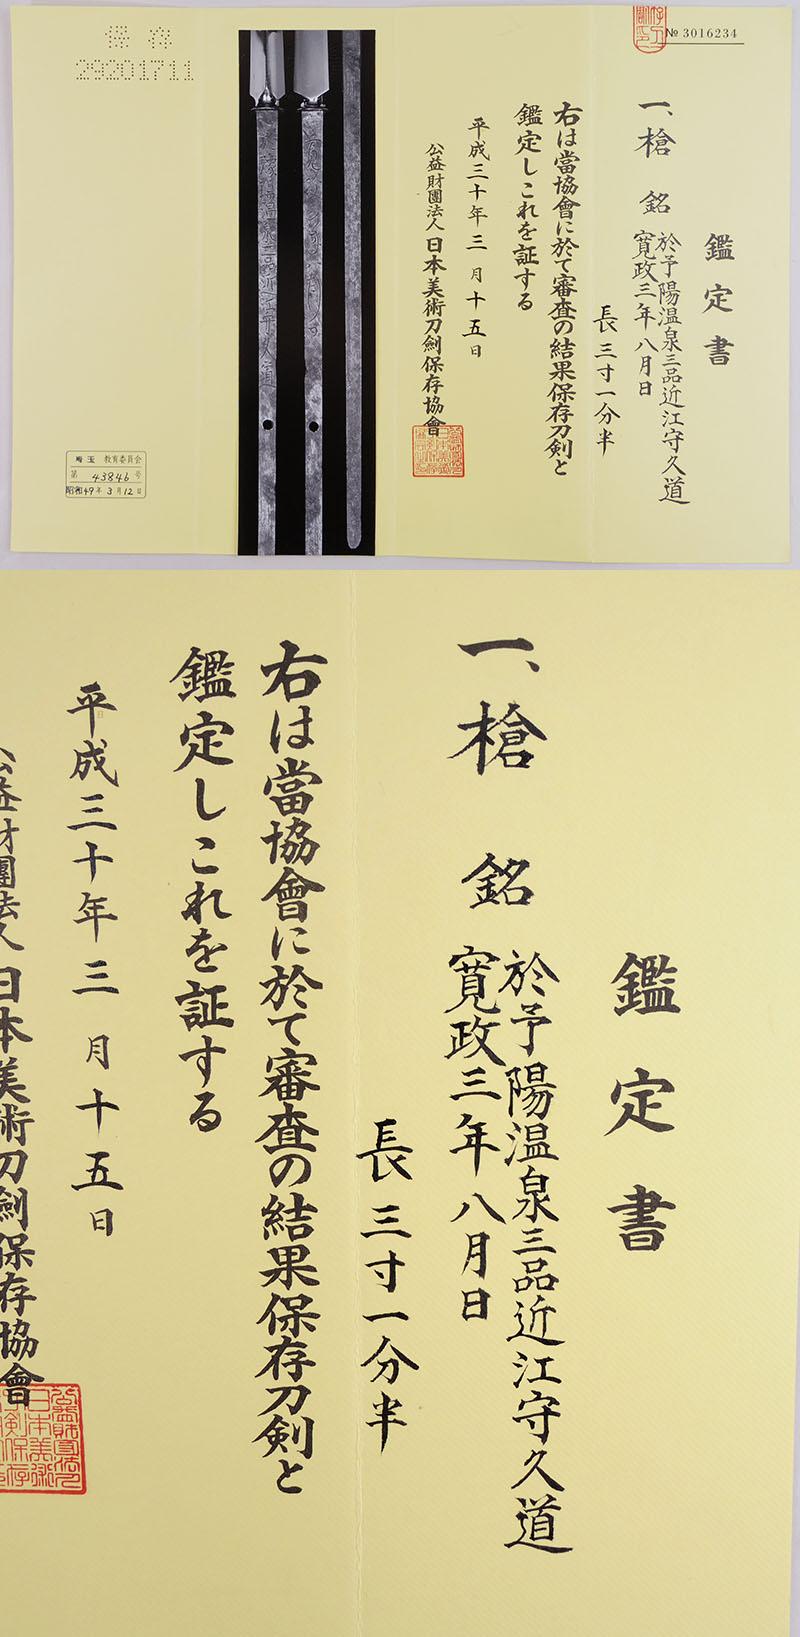 於予陽温泉三品近江守久道 Picture of Certificate